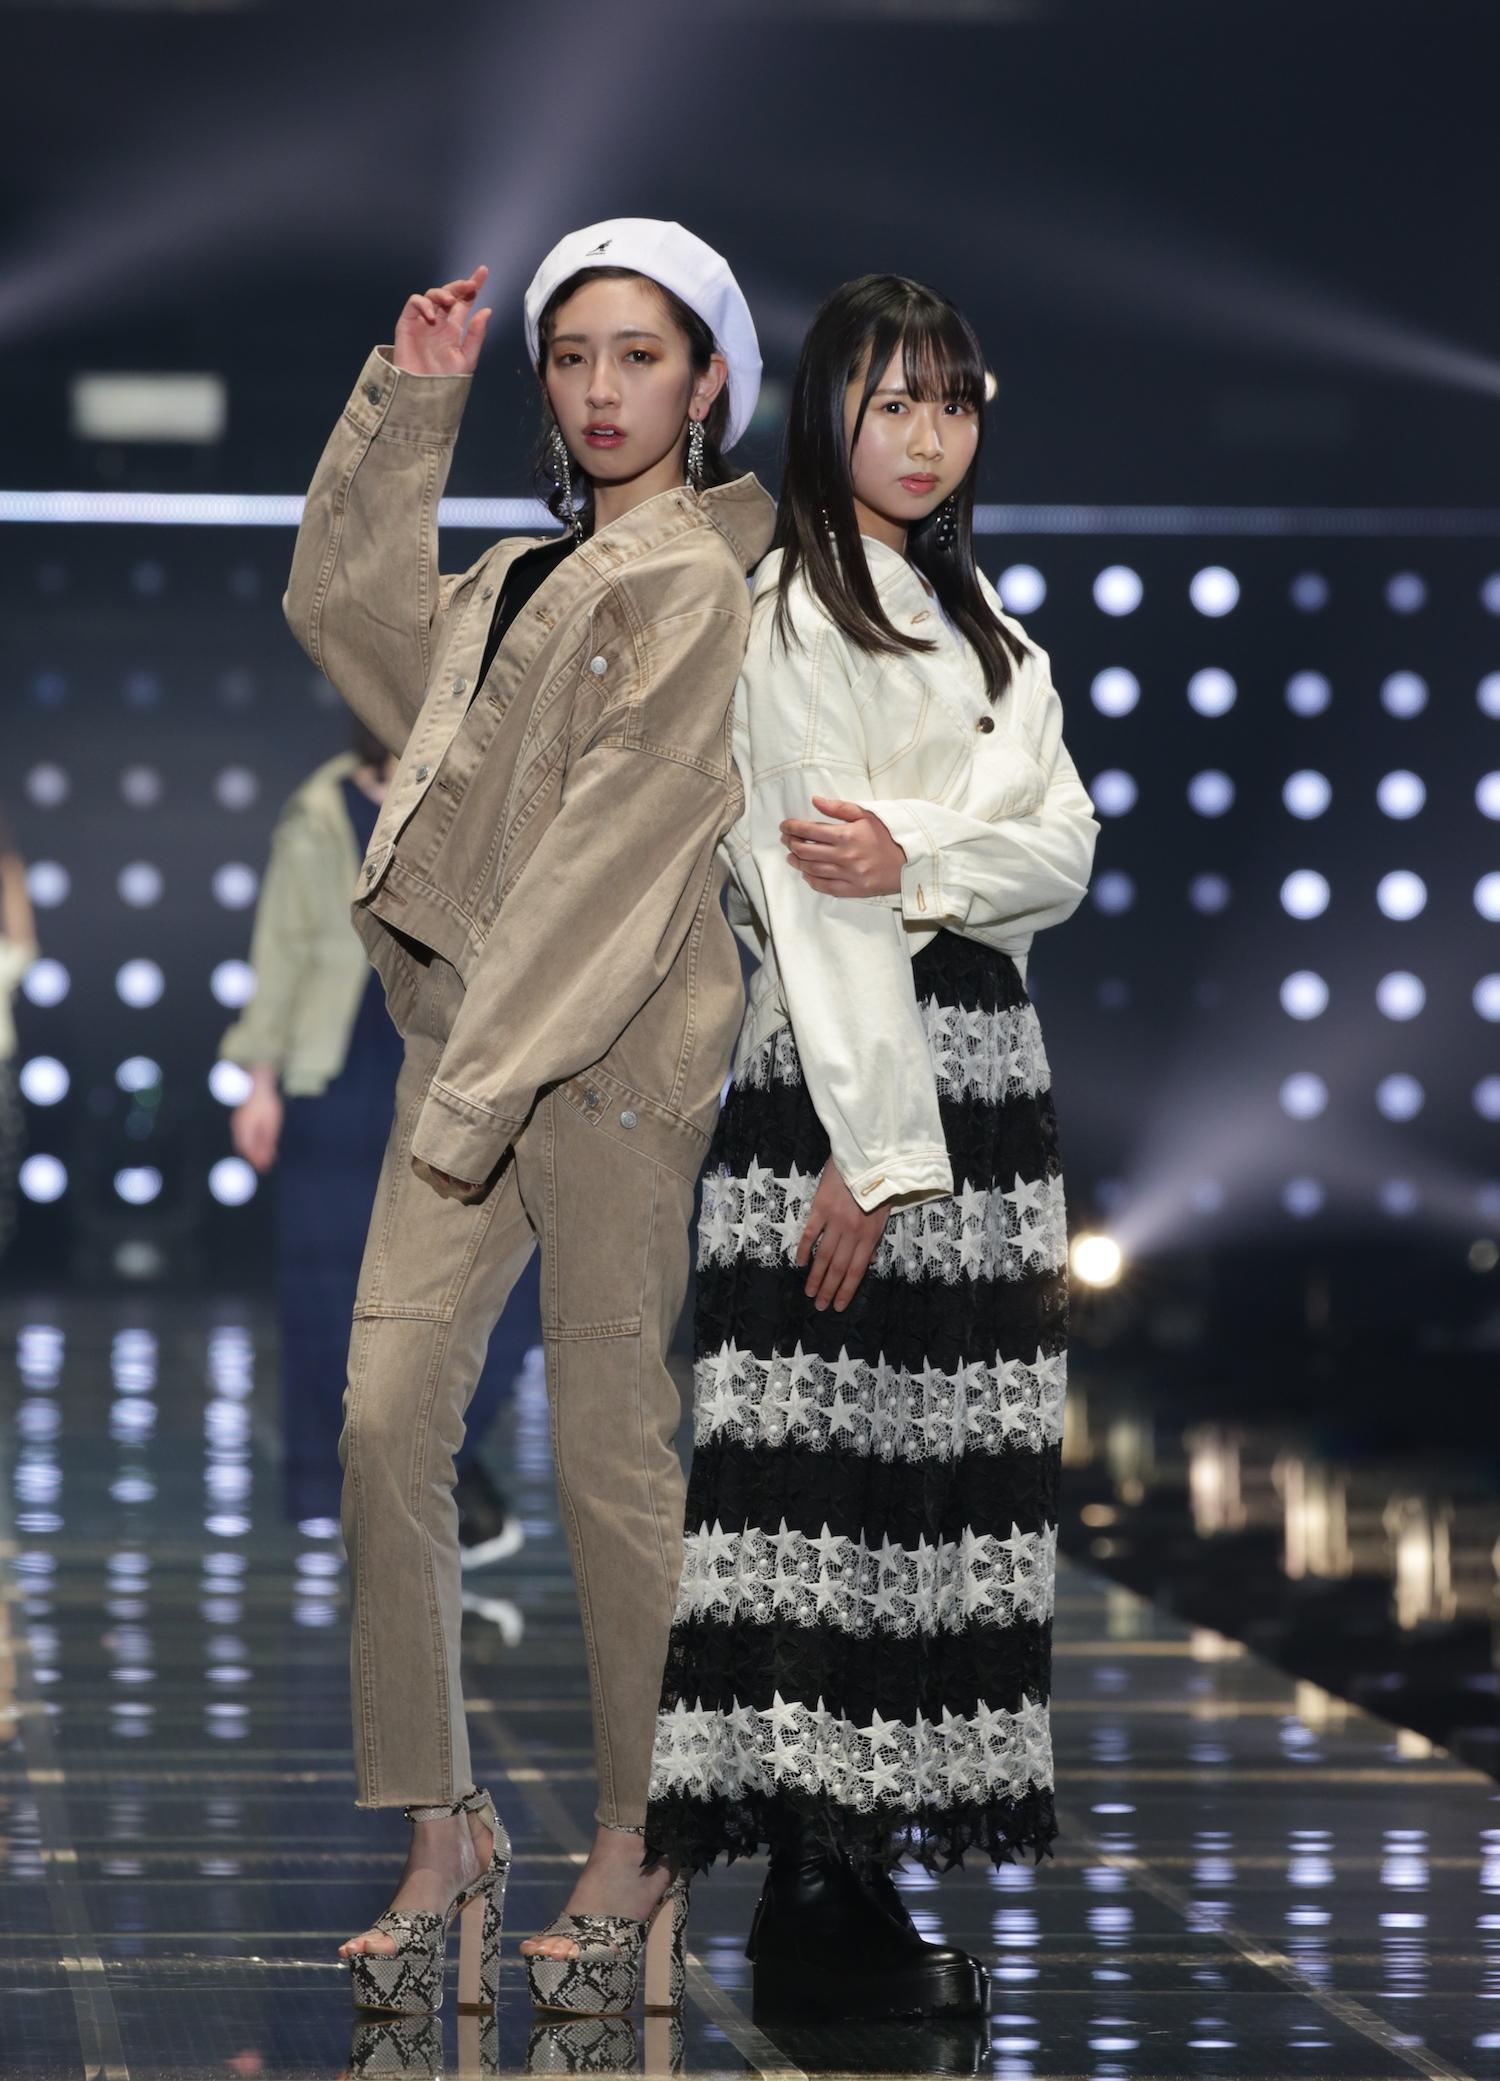 金村美玖・上村ひなの(日向坂46)/2020年2月29日、国立代々木競技場 第一体育館にて (C)マイナビ TOKYO GIRLS COLLECTION2020 S/S